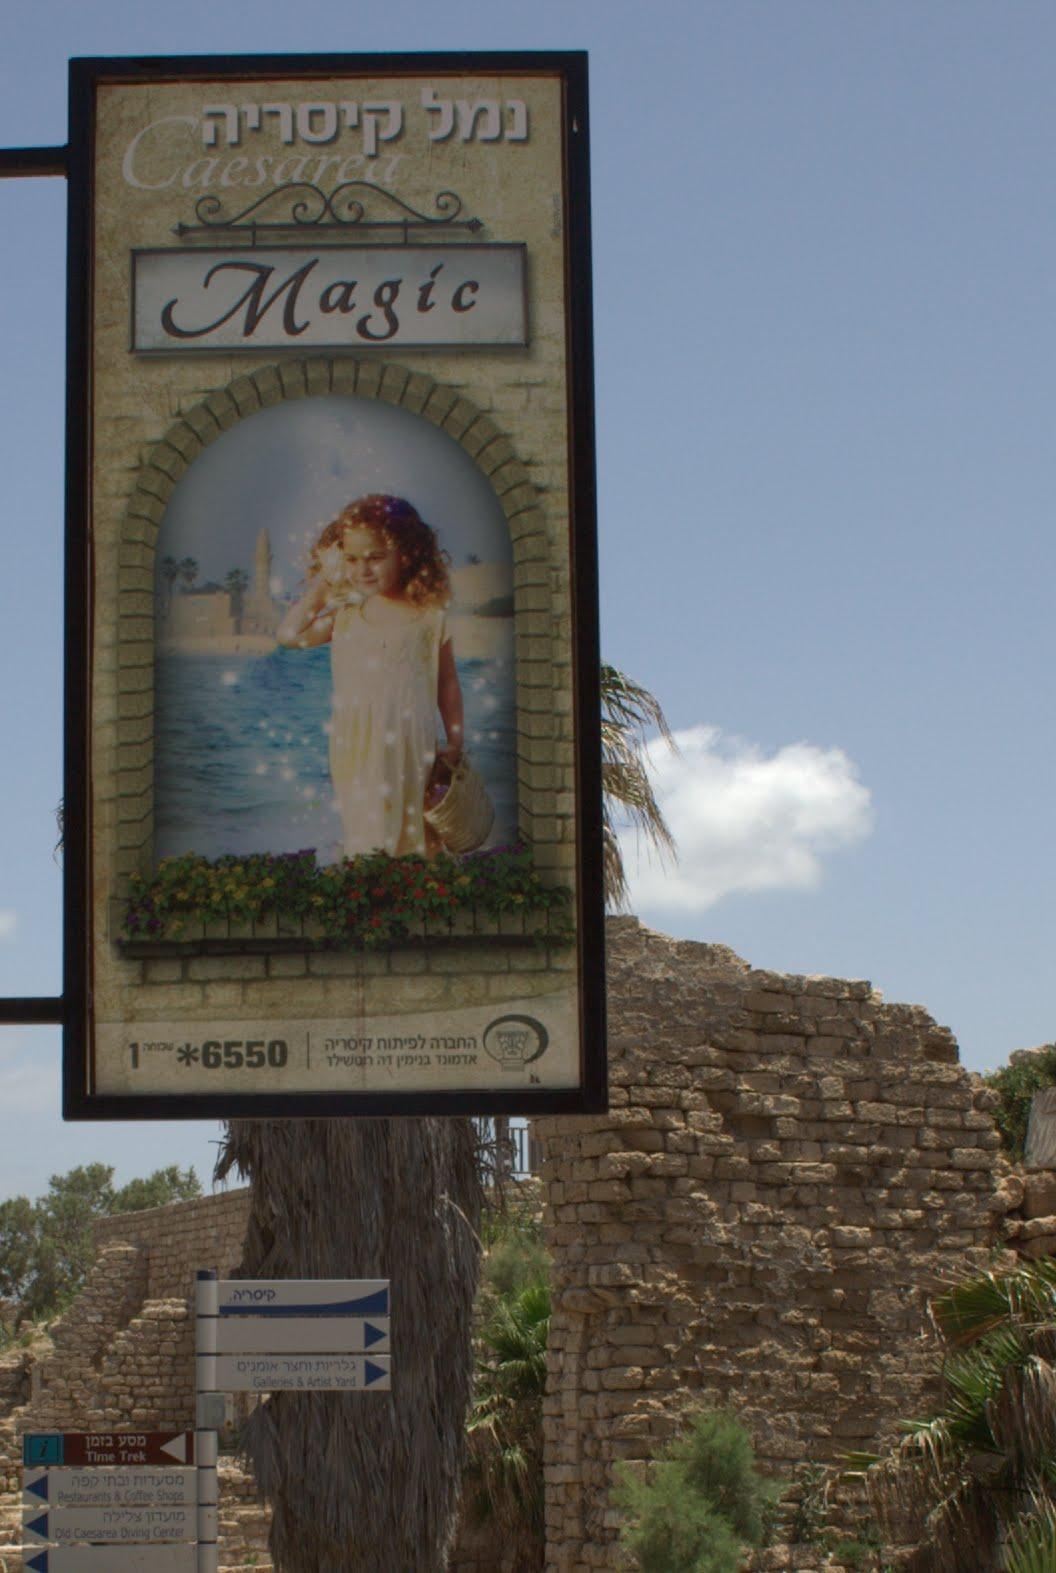 """""""Caesarea Magic,"""" 2012 poster advertising for Caesarea (in Caesarea), historical site as space of spectacle"""